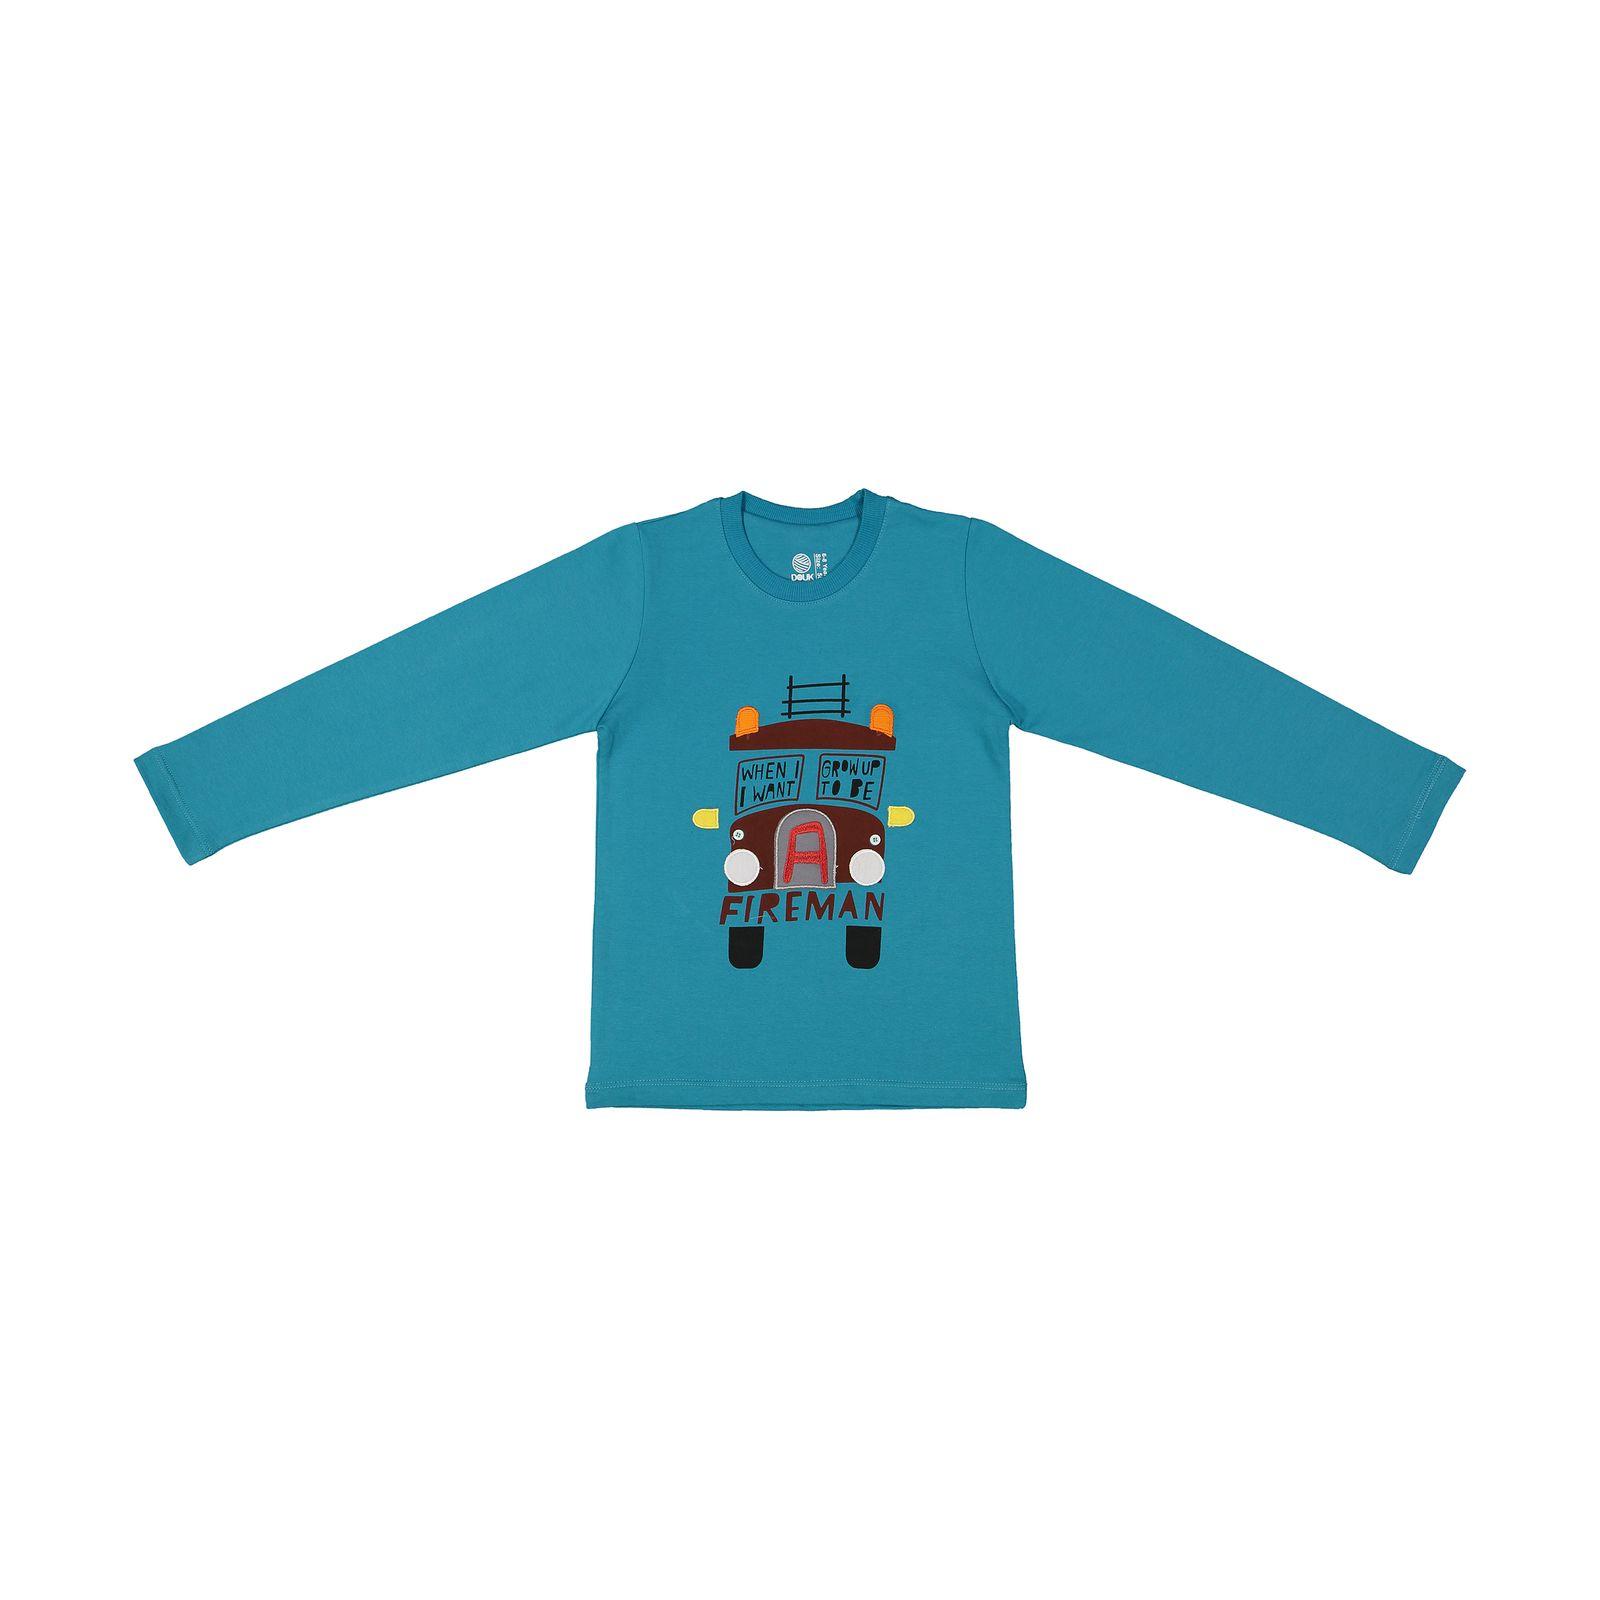 تی شرت پسرانه سون پون مدل 1391363-52 -  - 2